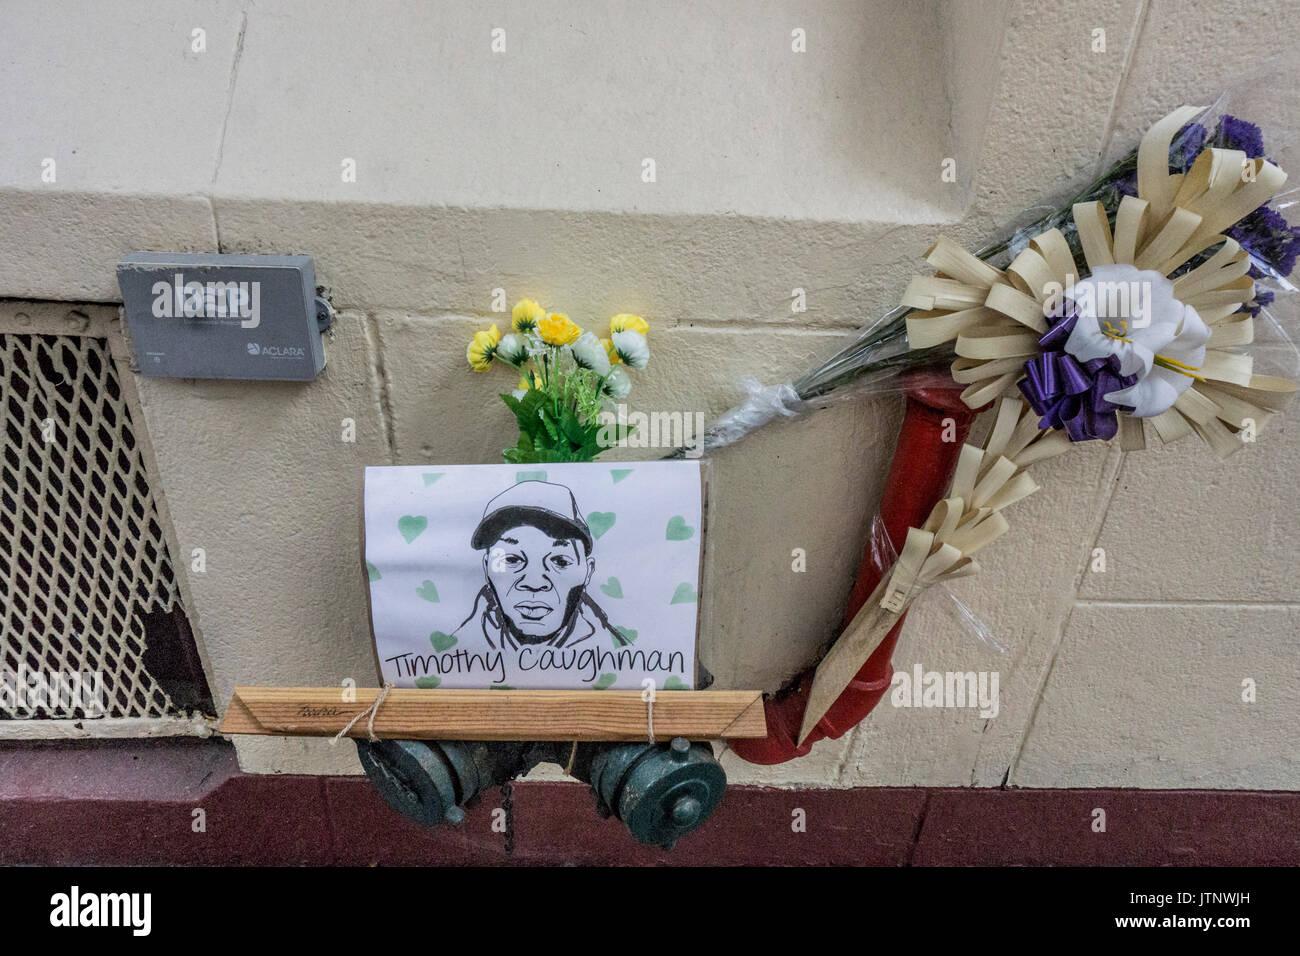 Memorial omaggio al nero vittima di antimperialismo includono inchiostro superbo ritratto del suo volto triste fissato al montante su 36th Street NYC distretto degli indumenti Immagini Stock